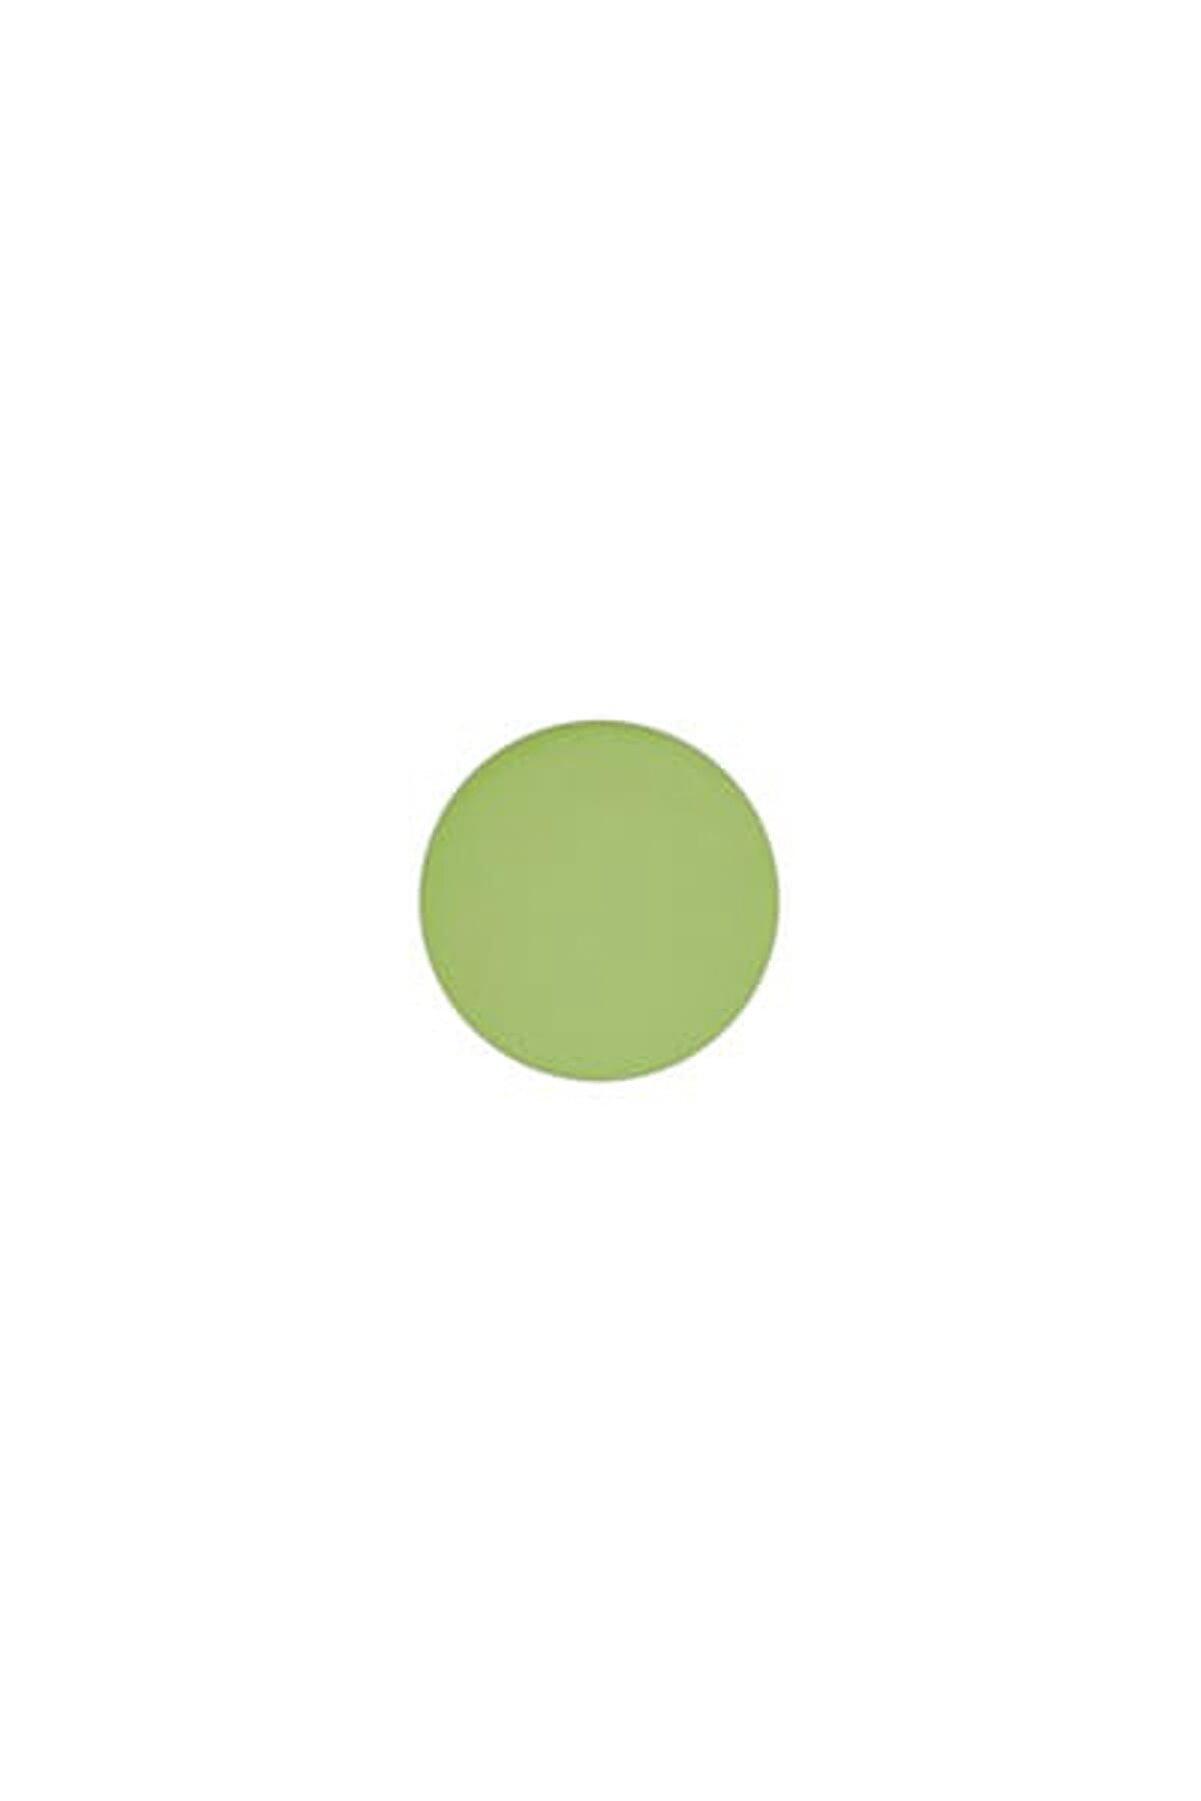 Mac Göz Farı - Refill Far Lime 1.5 g 773602351657